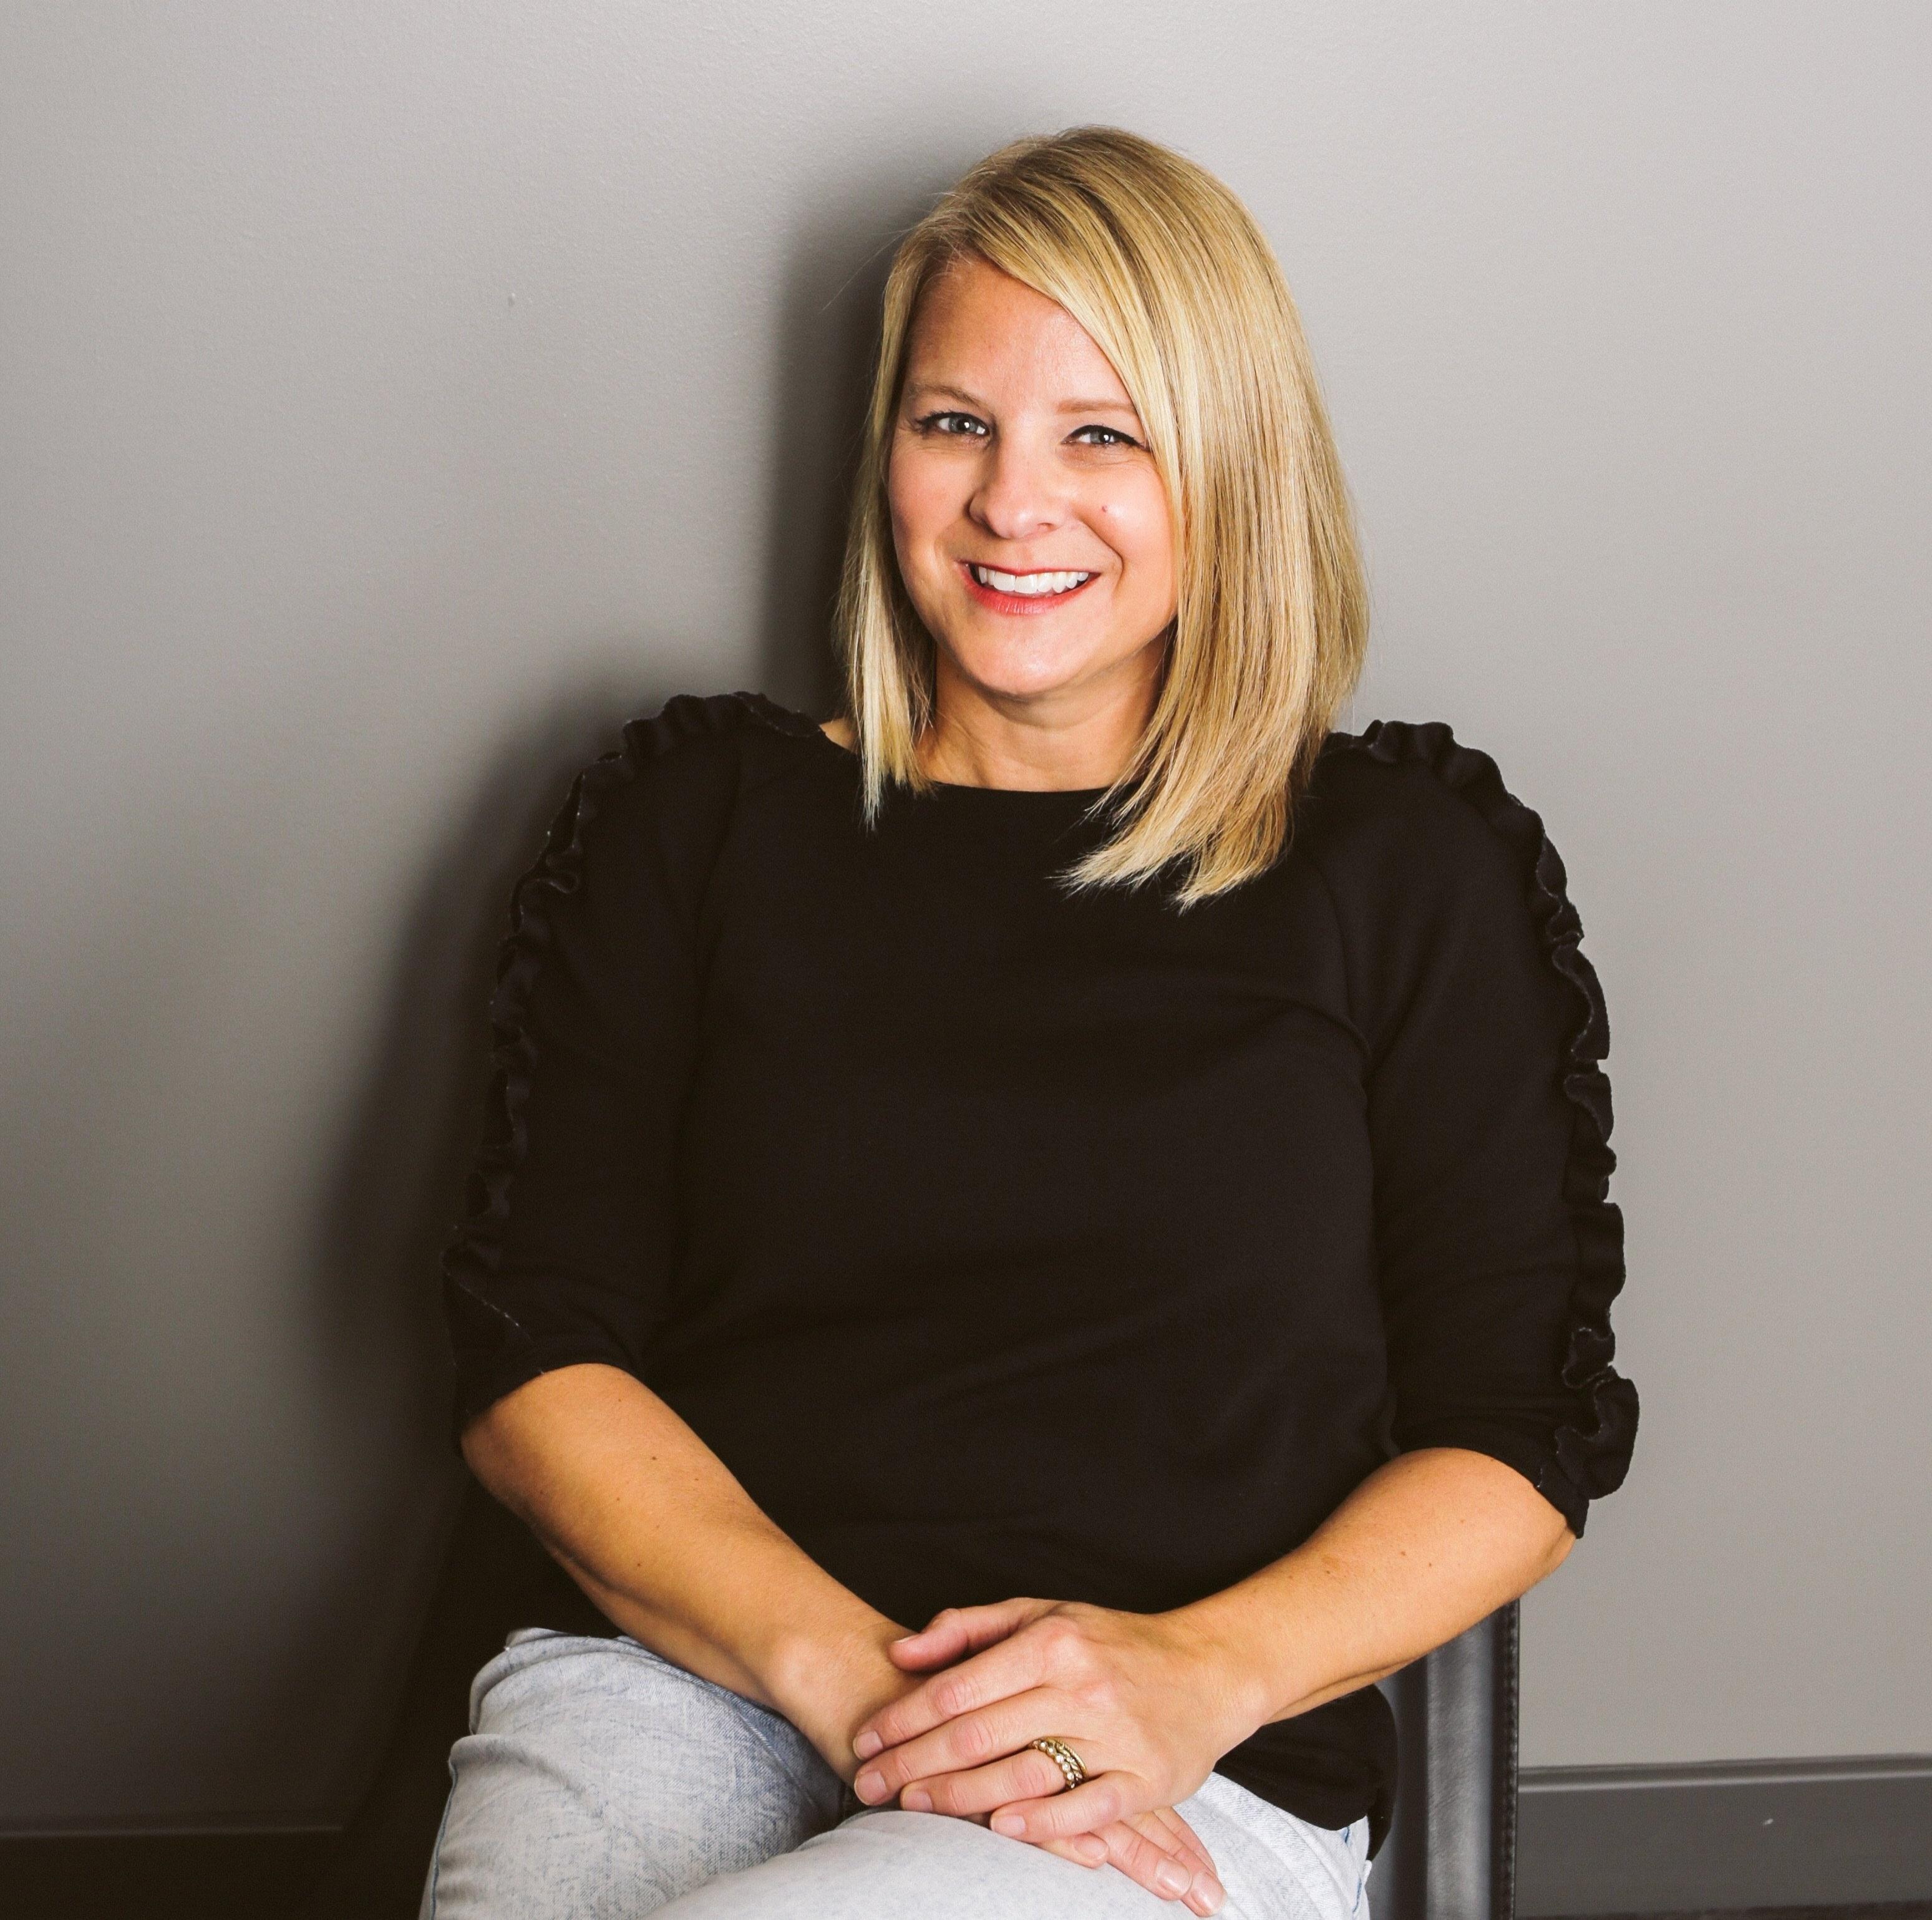 Jennifer Smiga marketing rival bell works